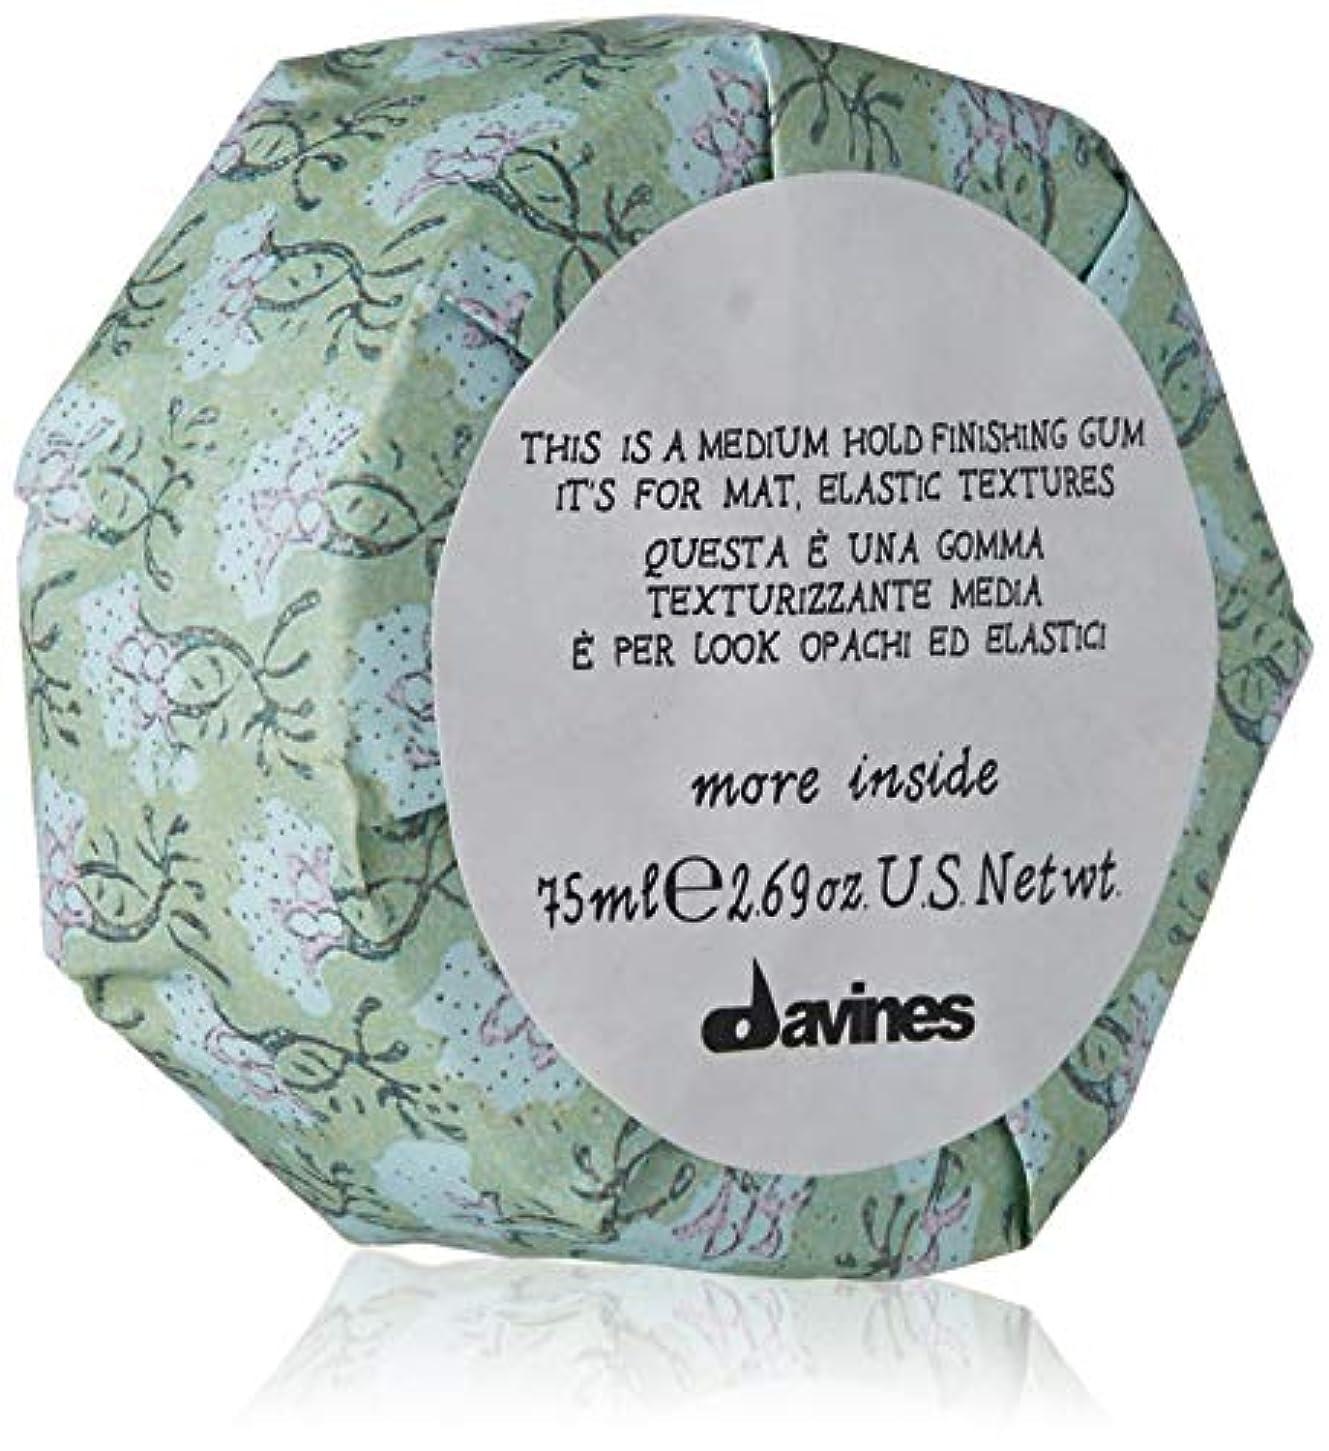 速いハードウェア毛皮ダヴィネス More Inside This Is A Medium Hold Finishing Gum (For Mat, Elastic Textures) 75ml/2.69oz並行輸入品